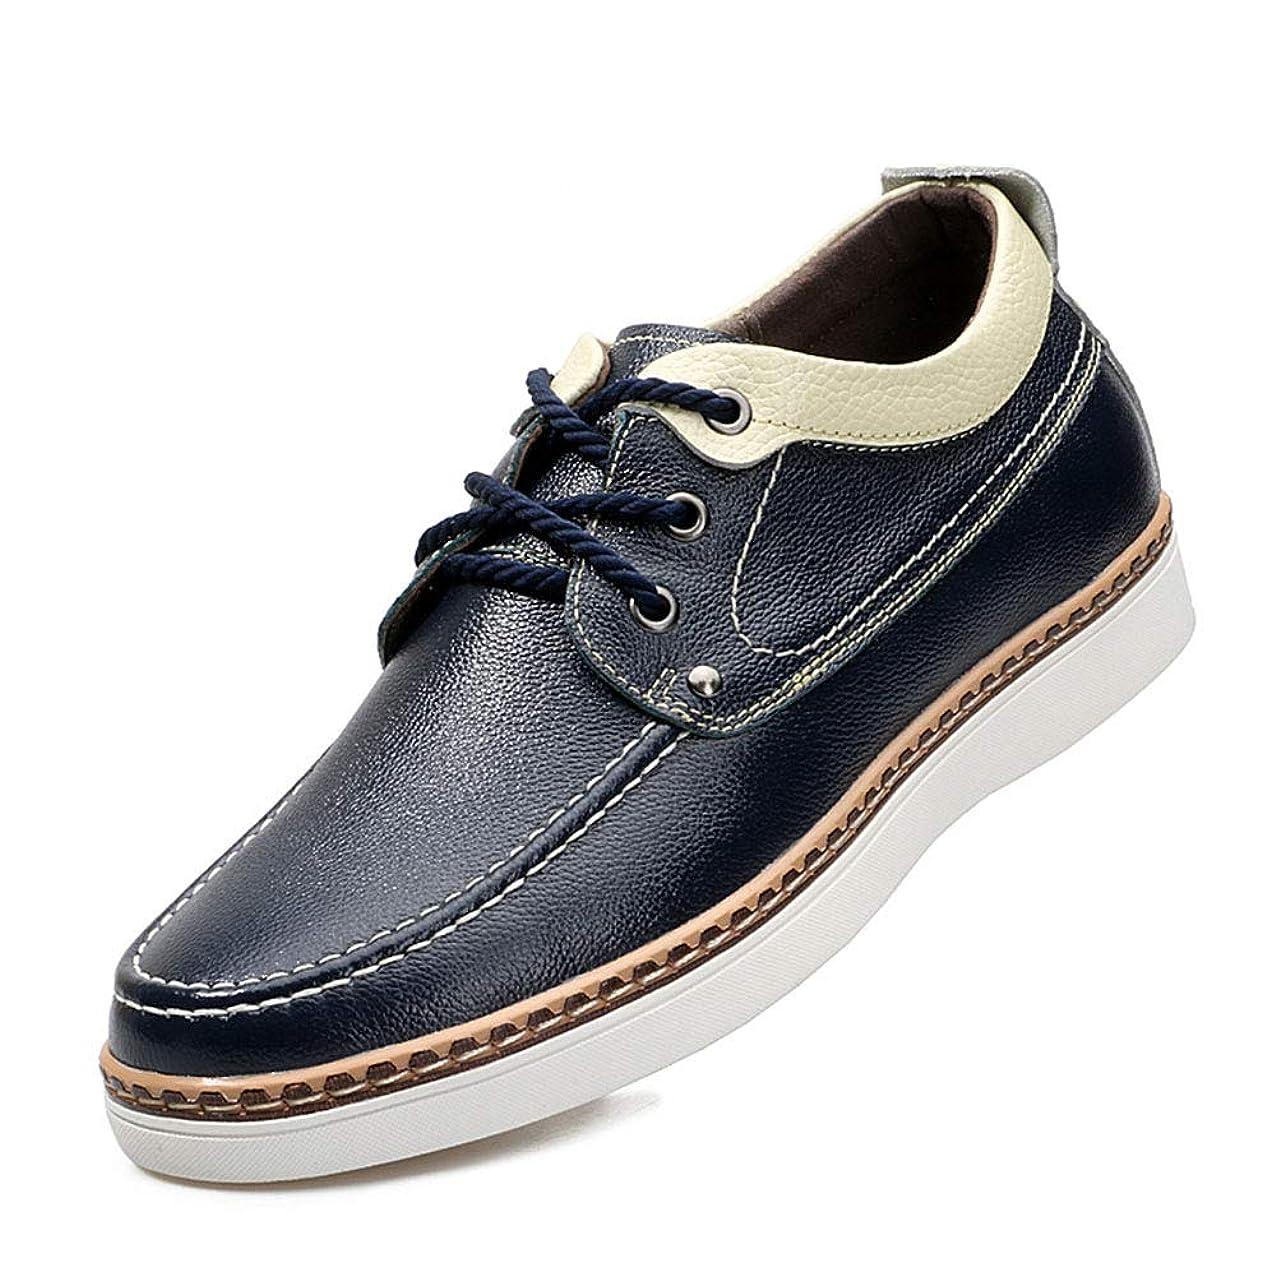 ベーリング海峡ワイヤーもう一度シークレットシューズ 本革 カジュアルシューズ メンズ 軽量 レースアップシューズ 革靴 インヒール 6cmUP シークレット 紳士靴